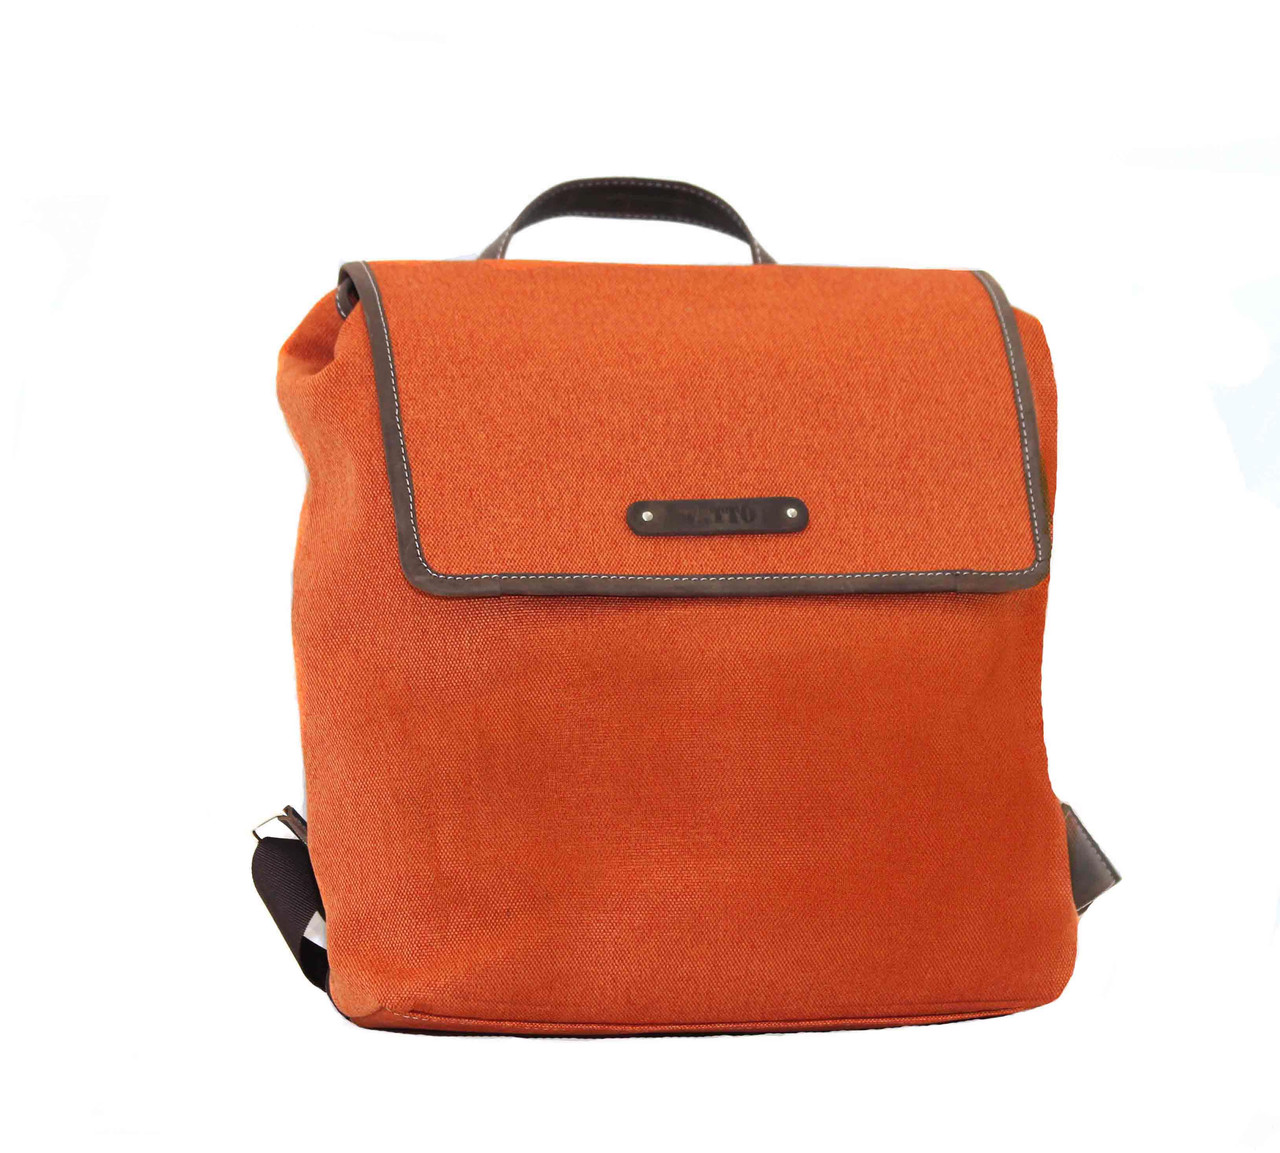 Рюкзак текстильный VATTO  MT26 Man41Kaz125